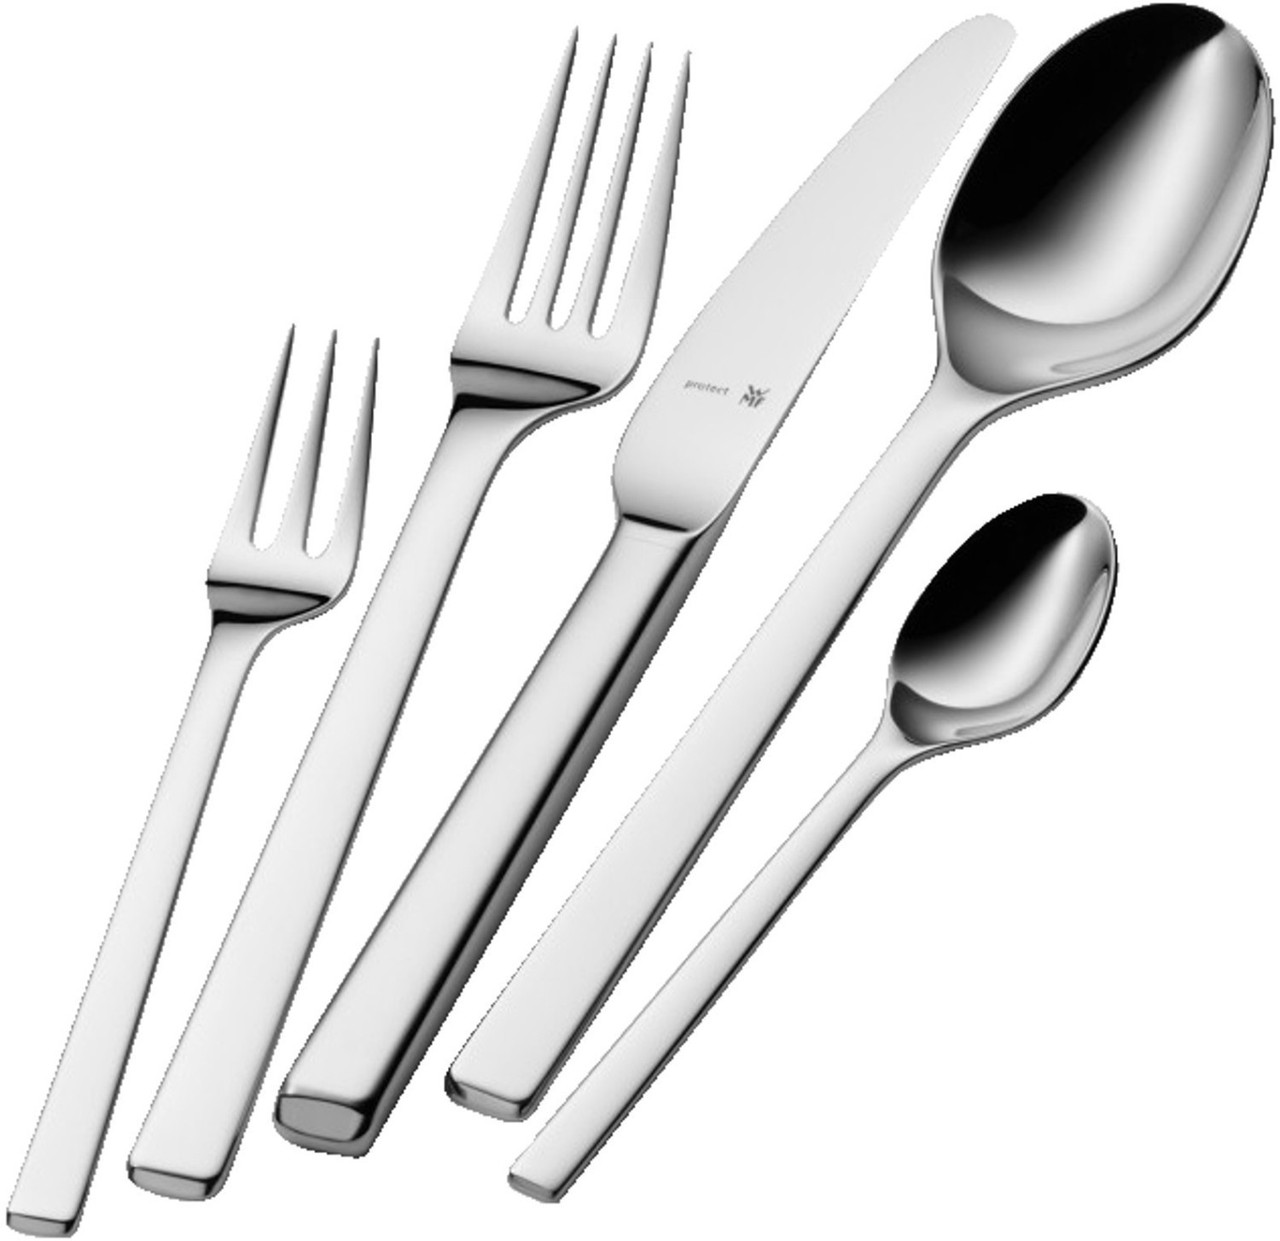 Набор столовых приборов WMF Stratic 30 шт. Cromargan protect нержавеющая сталь 18/10.